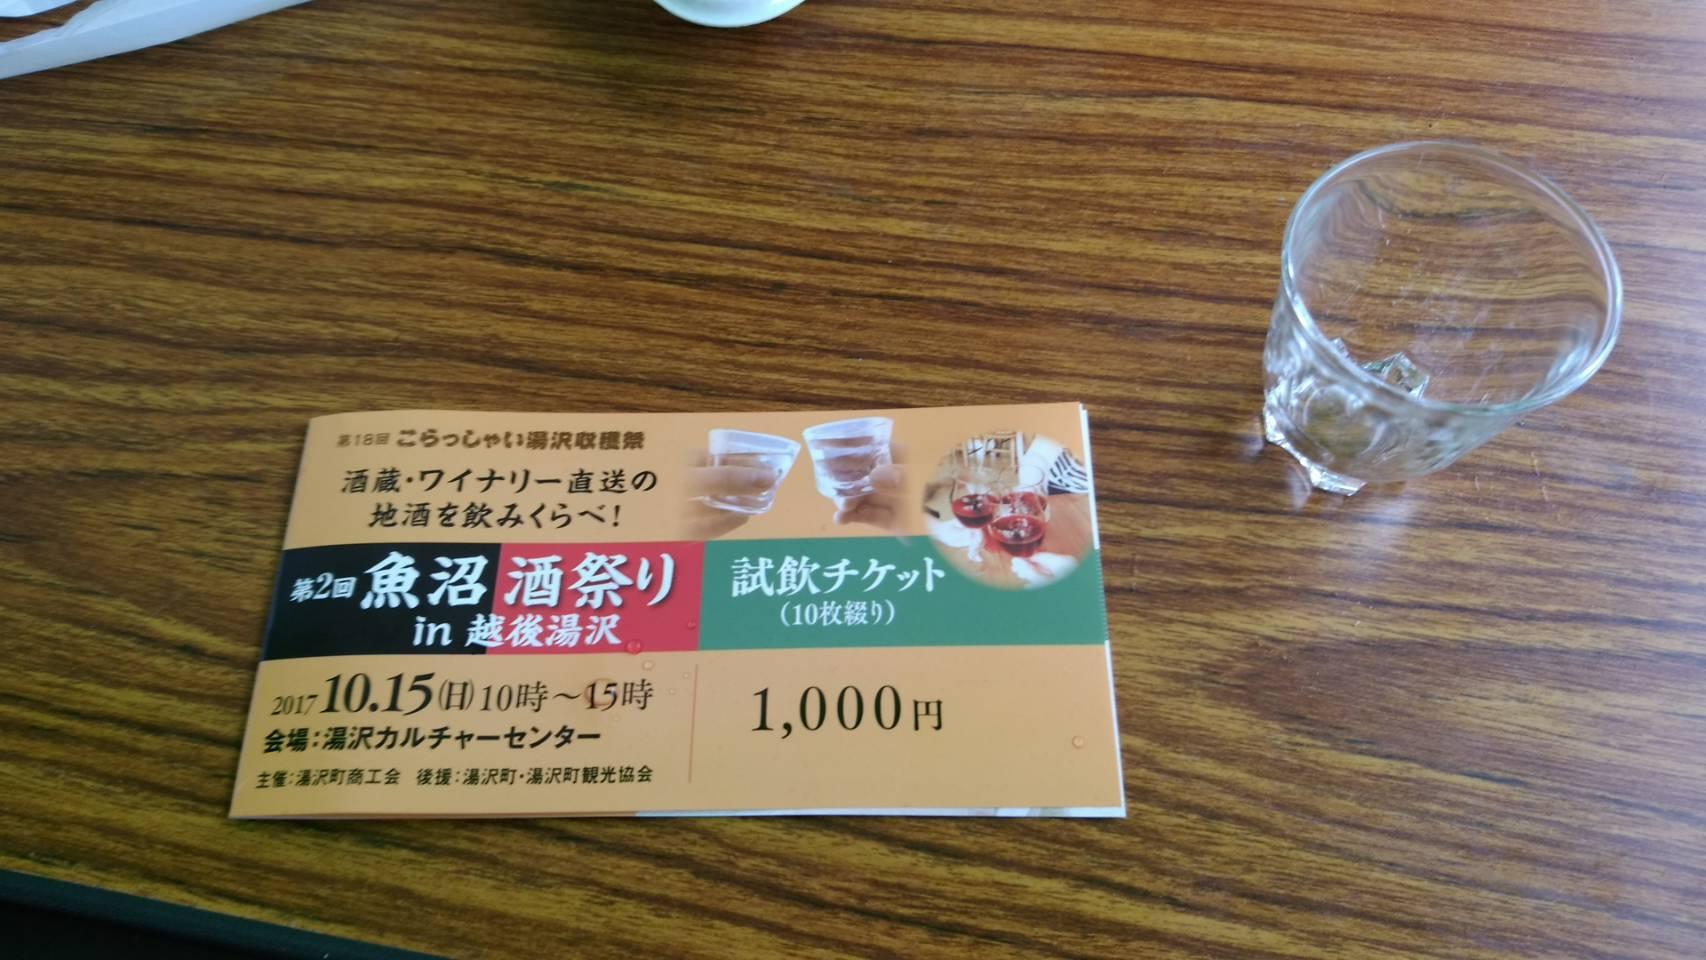 第2回魚沼酒祭りin越後湯沢チケット